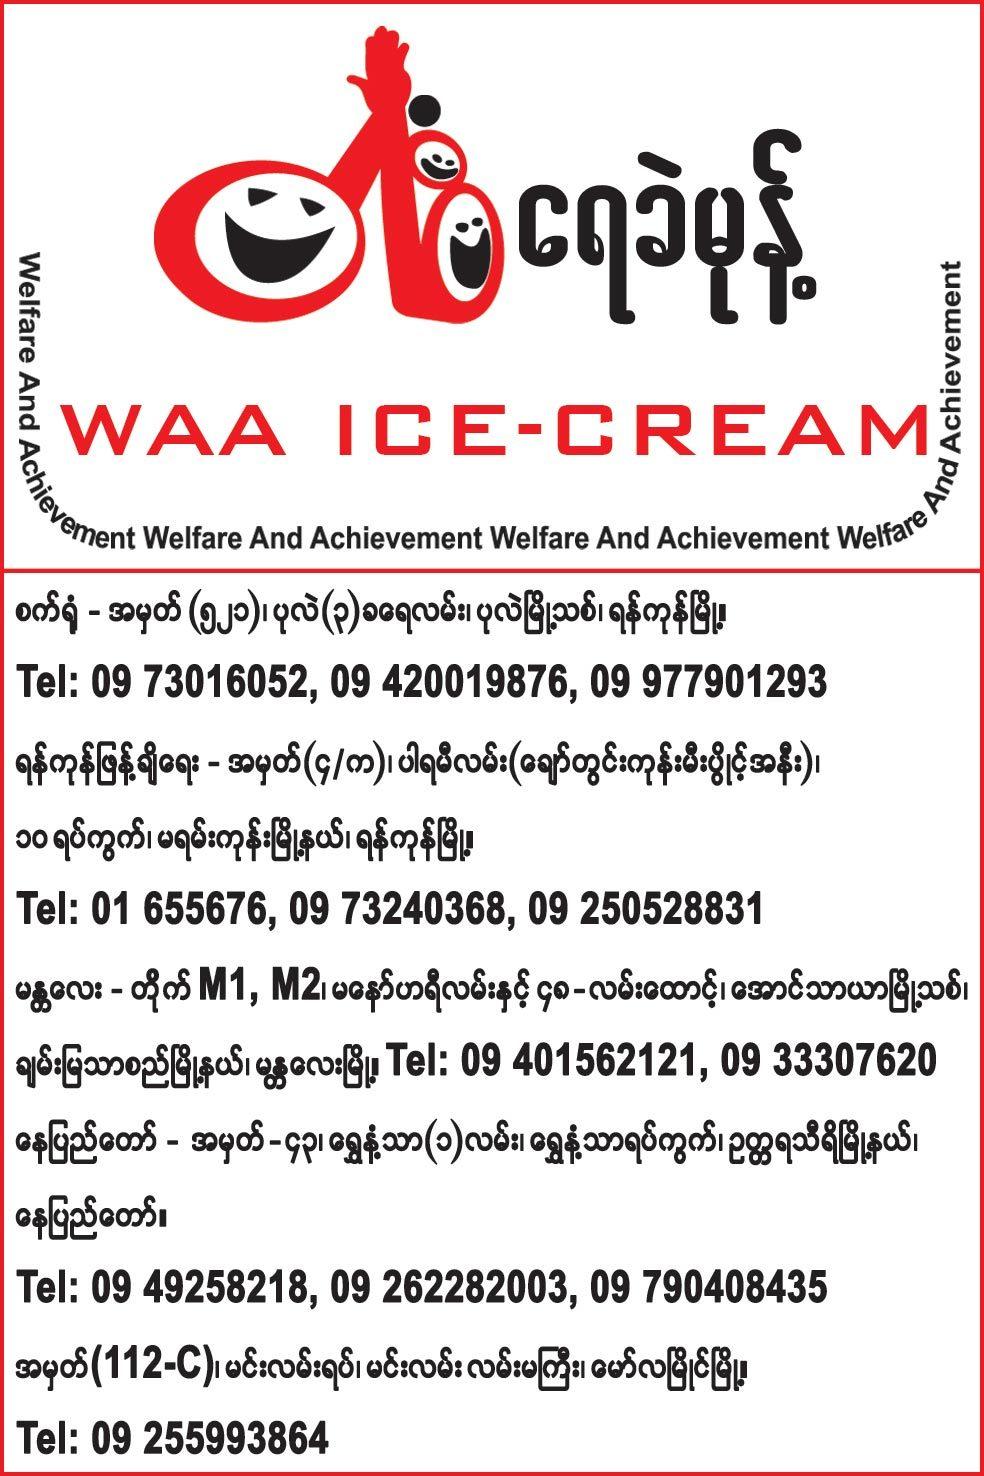 WAA-Ice-Cream_Ice-Cream_1669.jpg